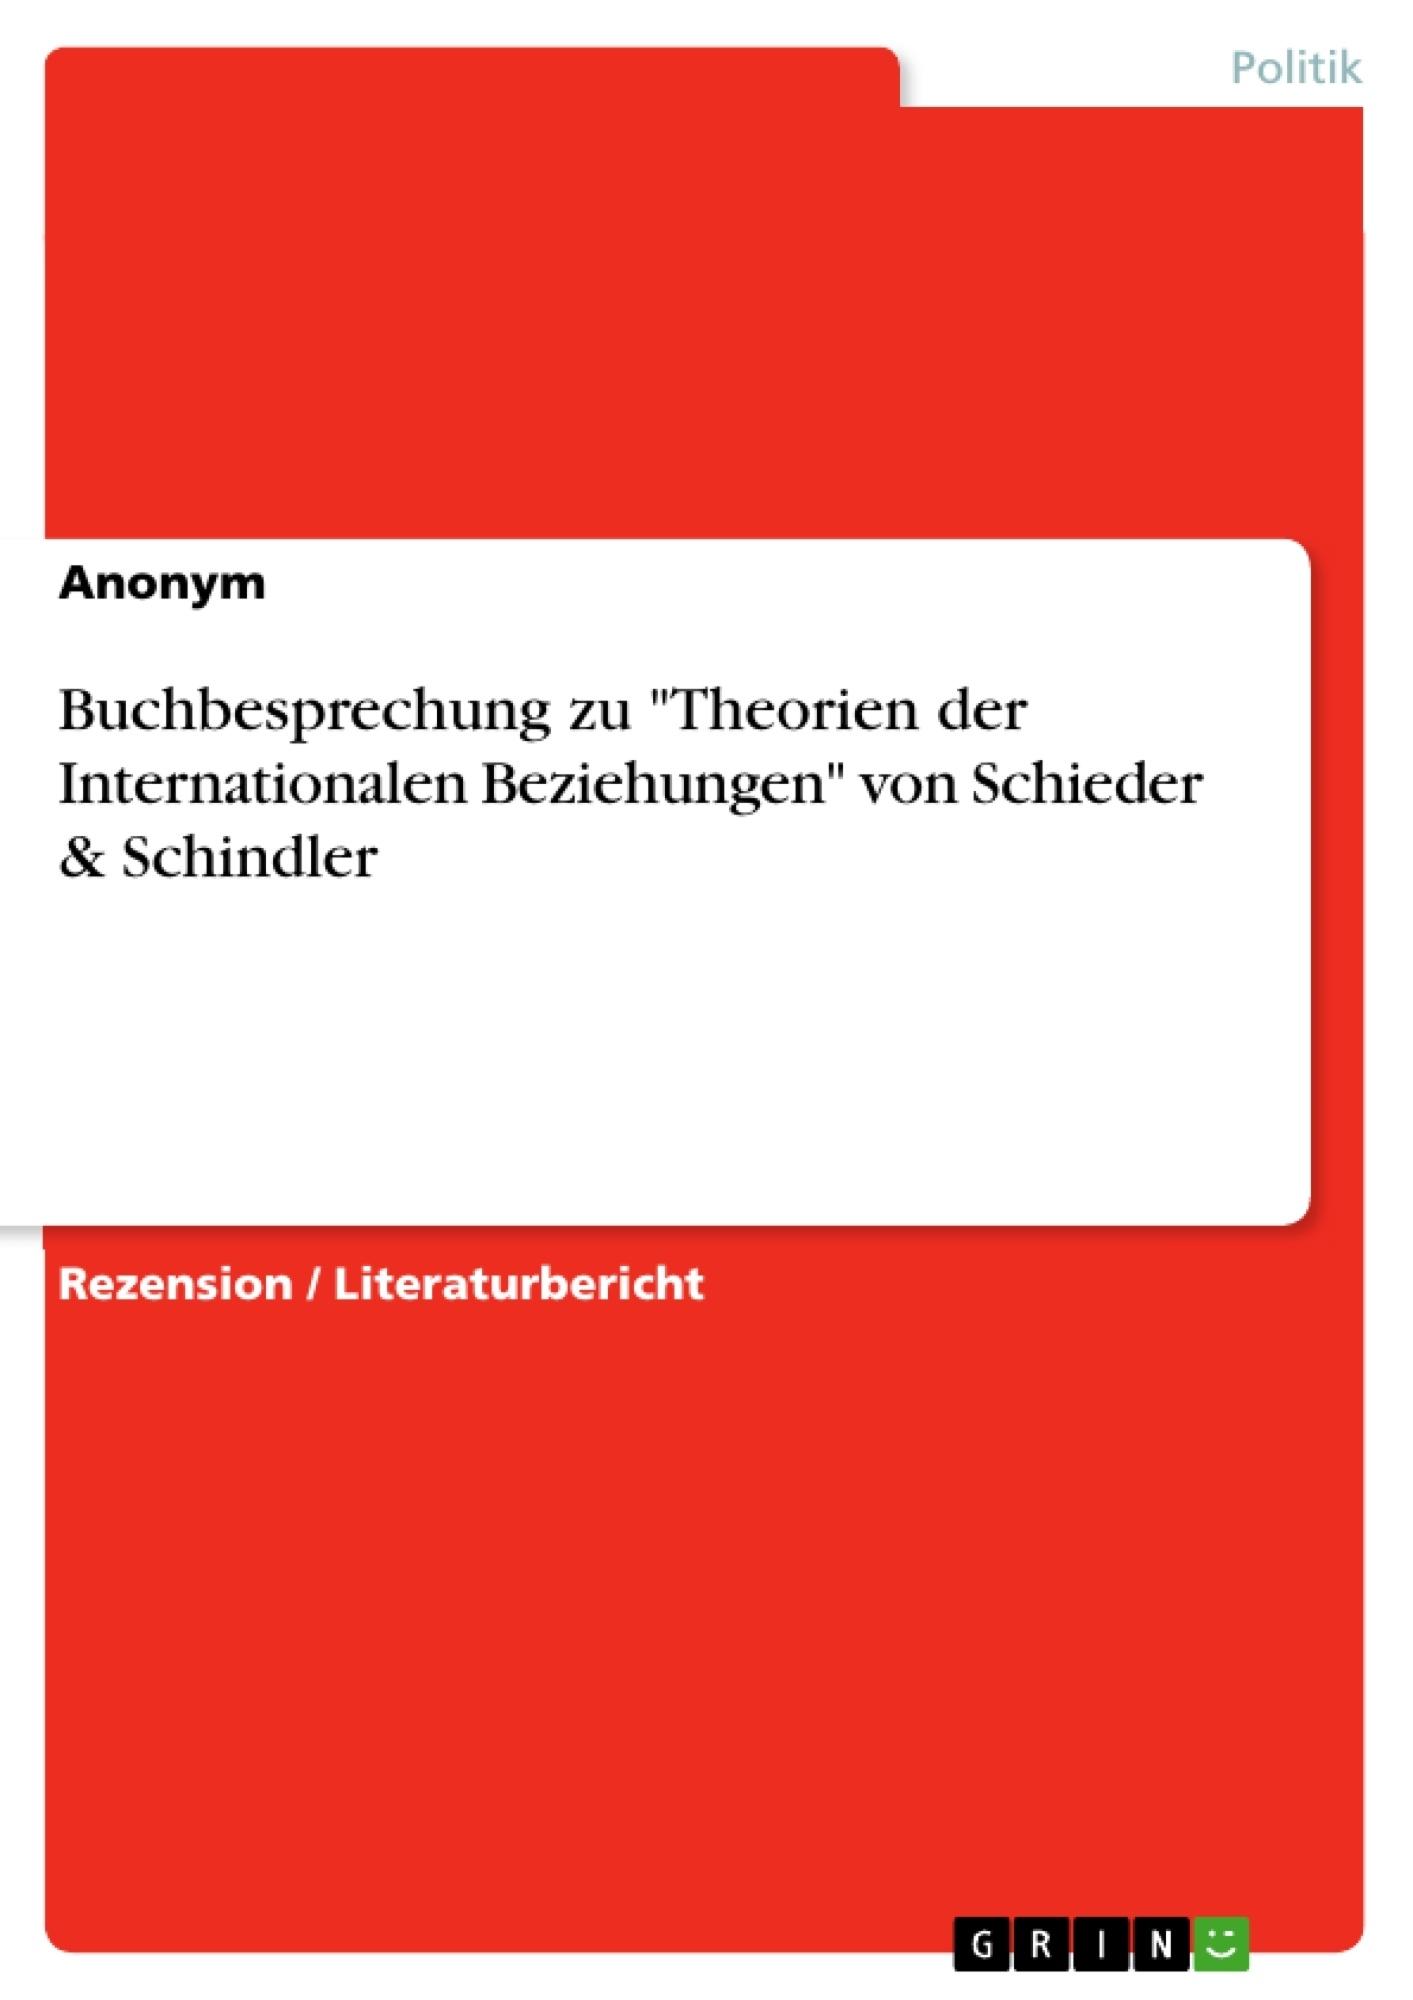 """Titel: Buchbesprechung zu """"Theorien der Internationalen Beziehungen"""" von Schieder & Schindler"""